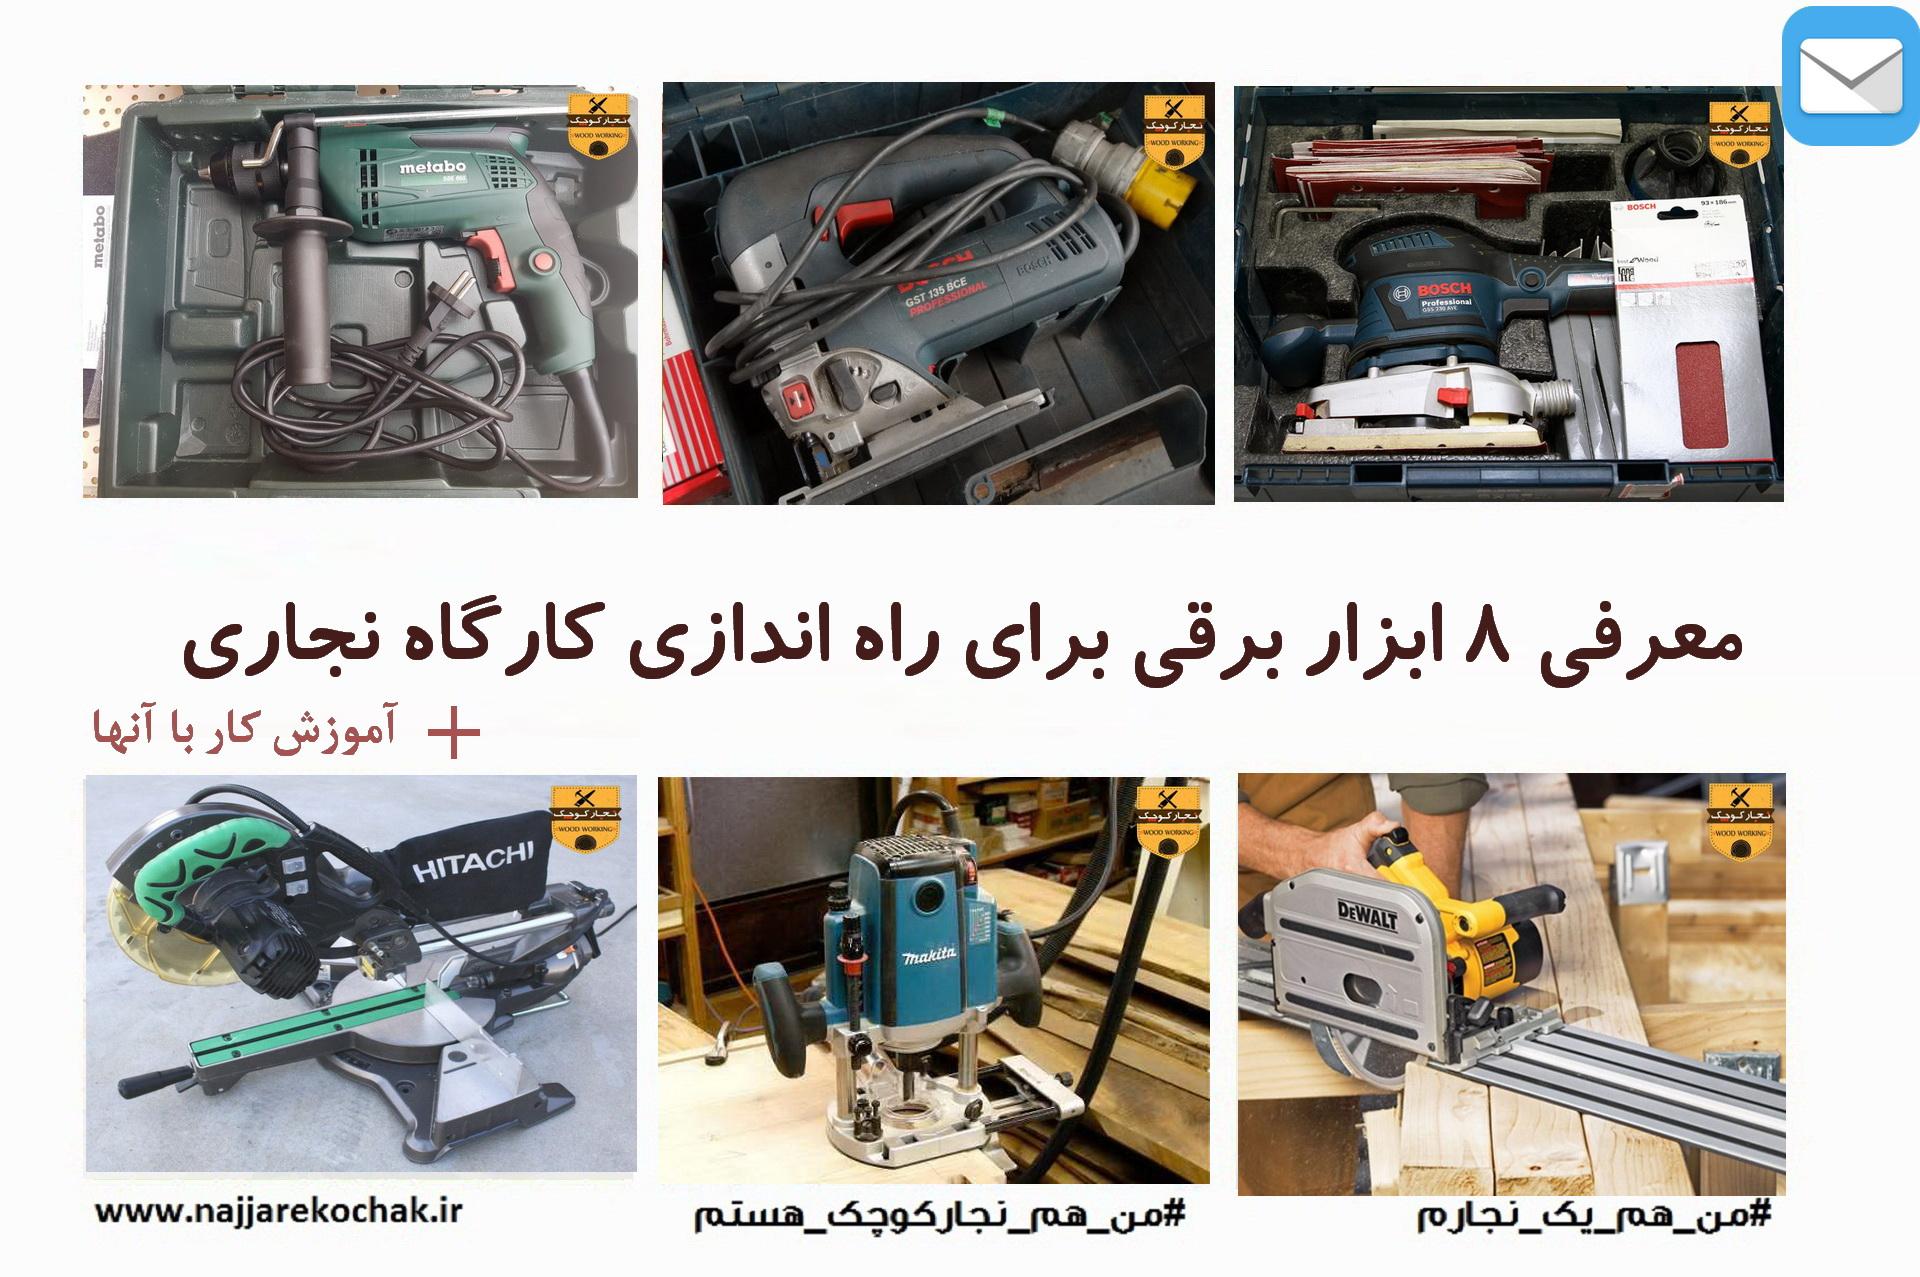 معرفی 8 ابزار برقی برای راه اندازی کارگاه نجاری